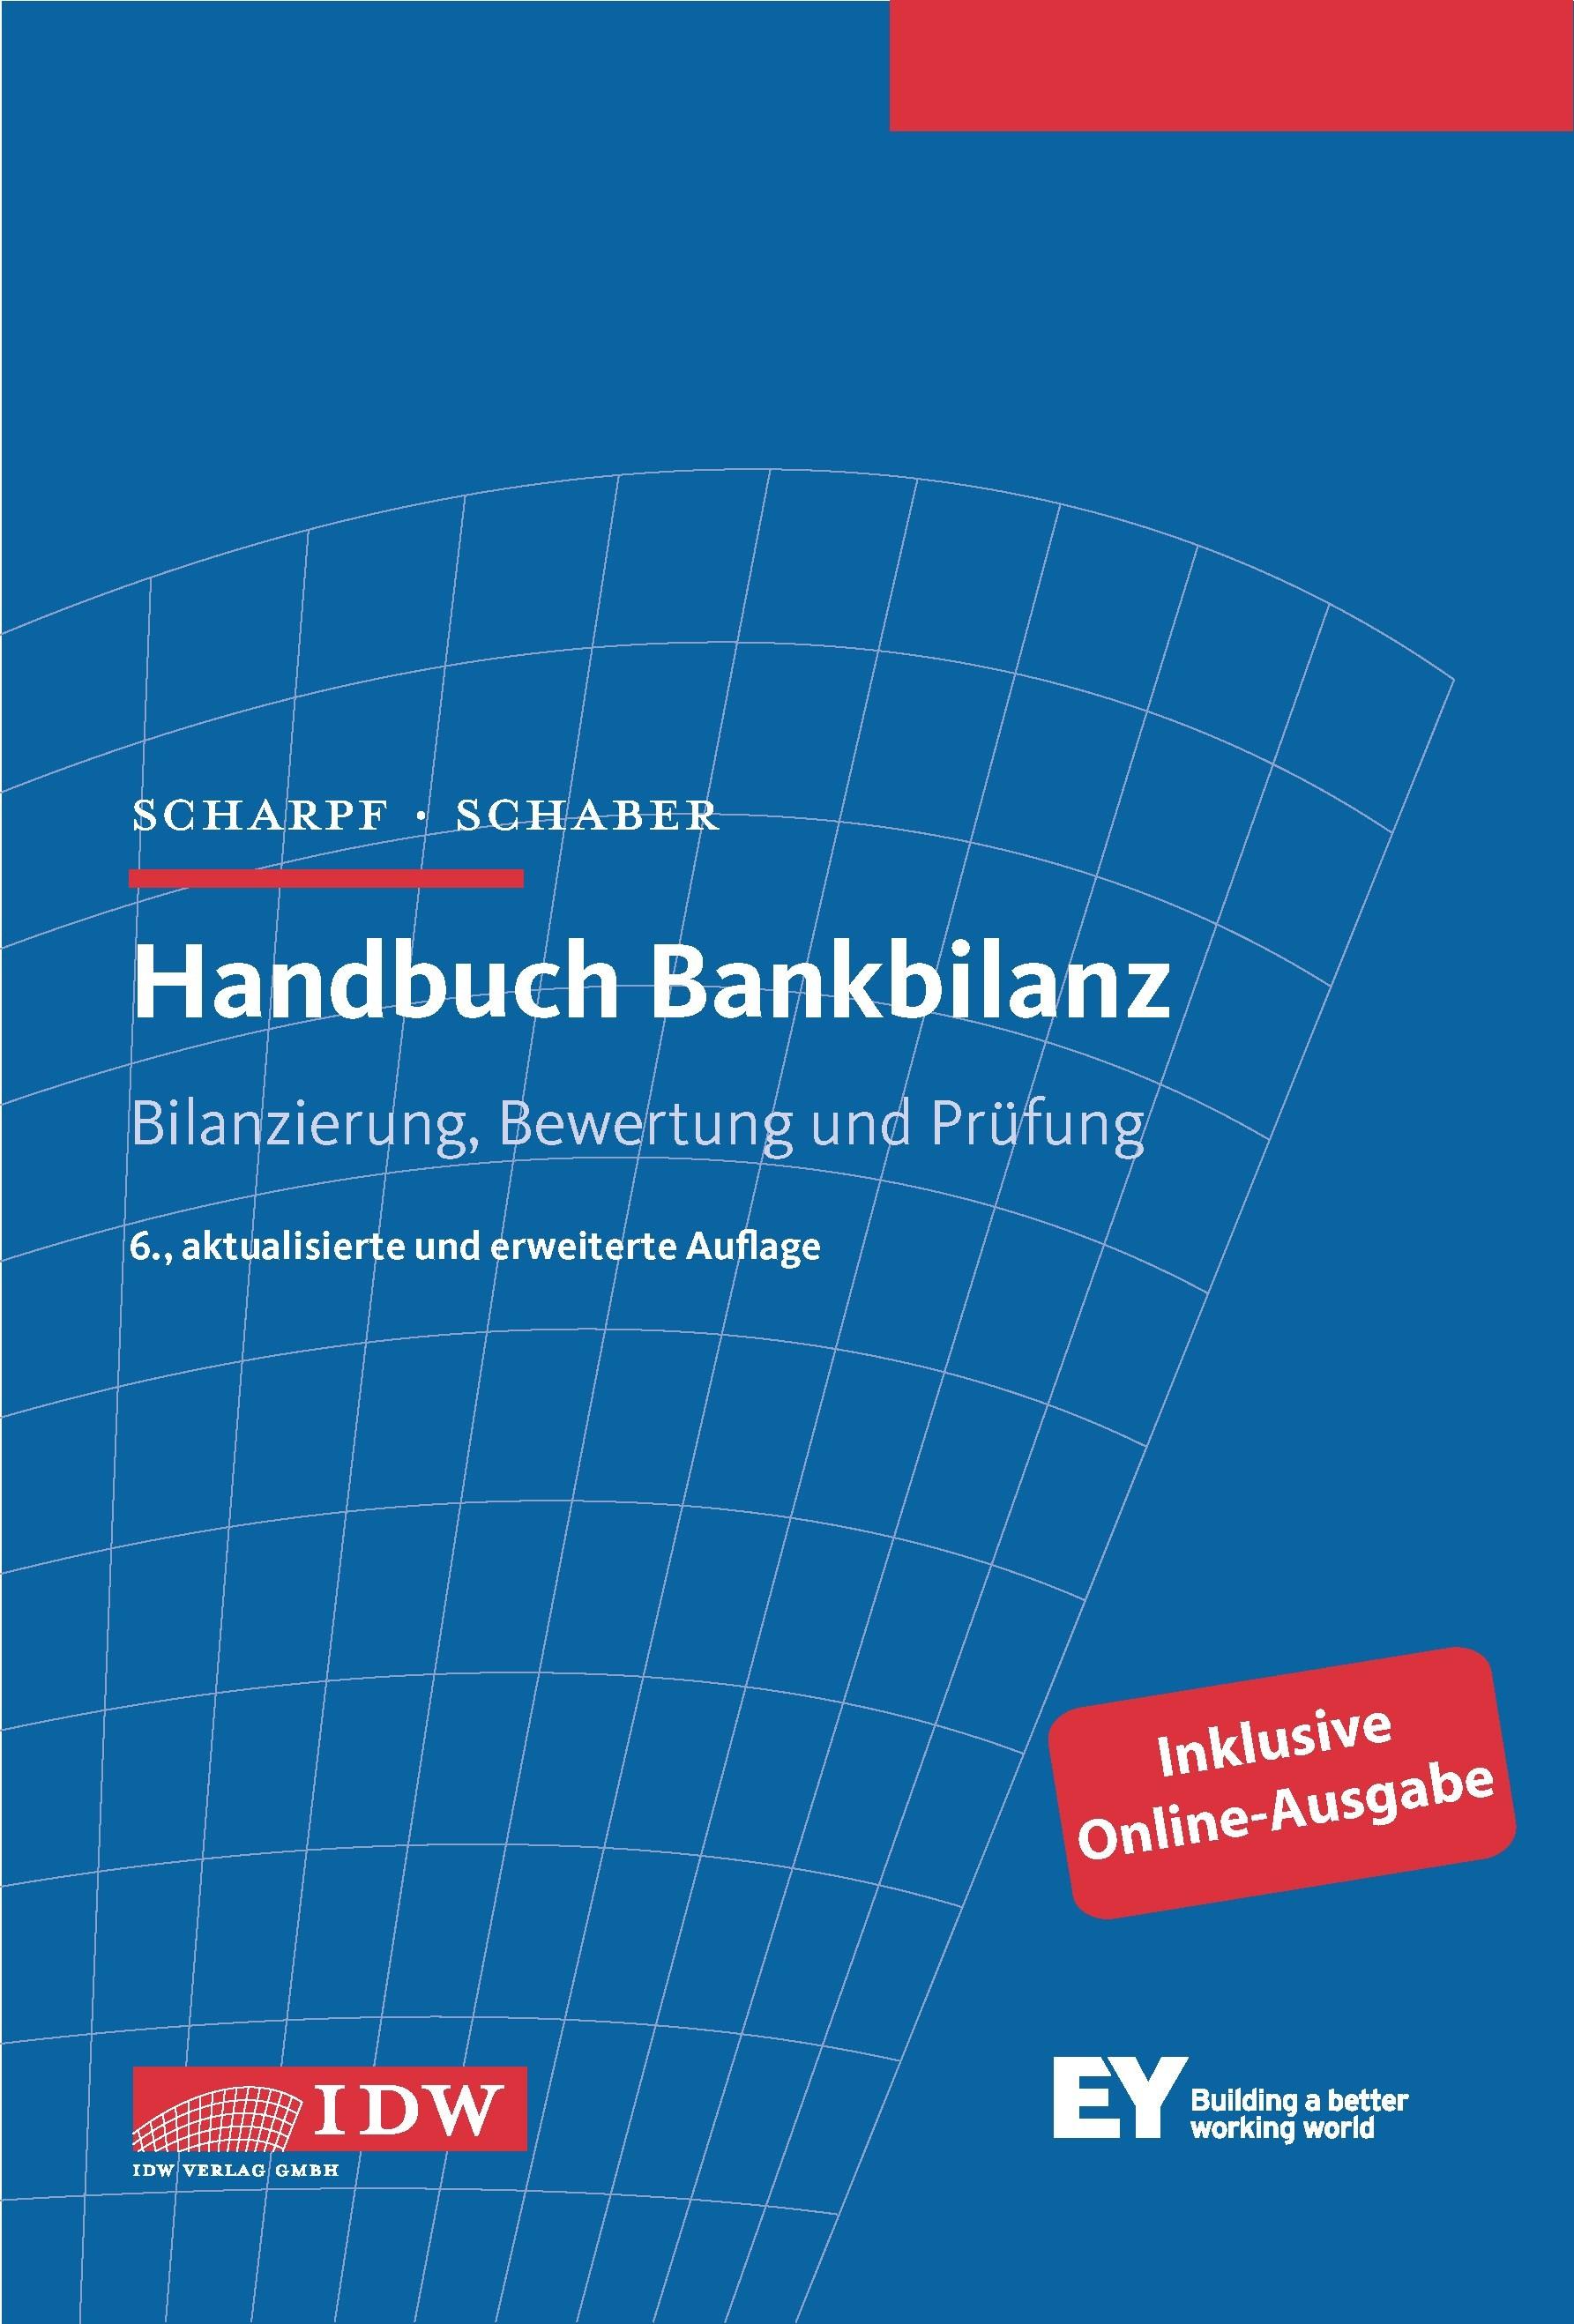 Handbuch Bankbilanz | Scharpf / Schaber | 6., aktualisierte und erweiterte Auflage, 2015 | Buch (Cover)